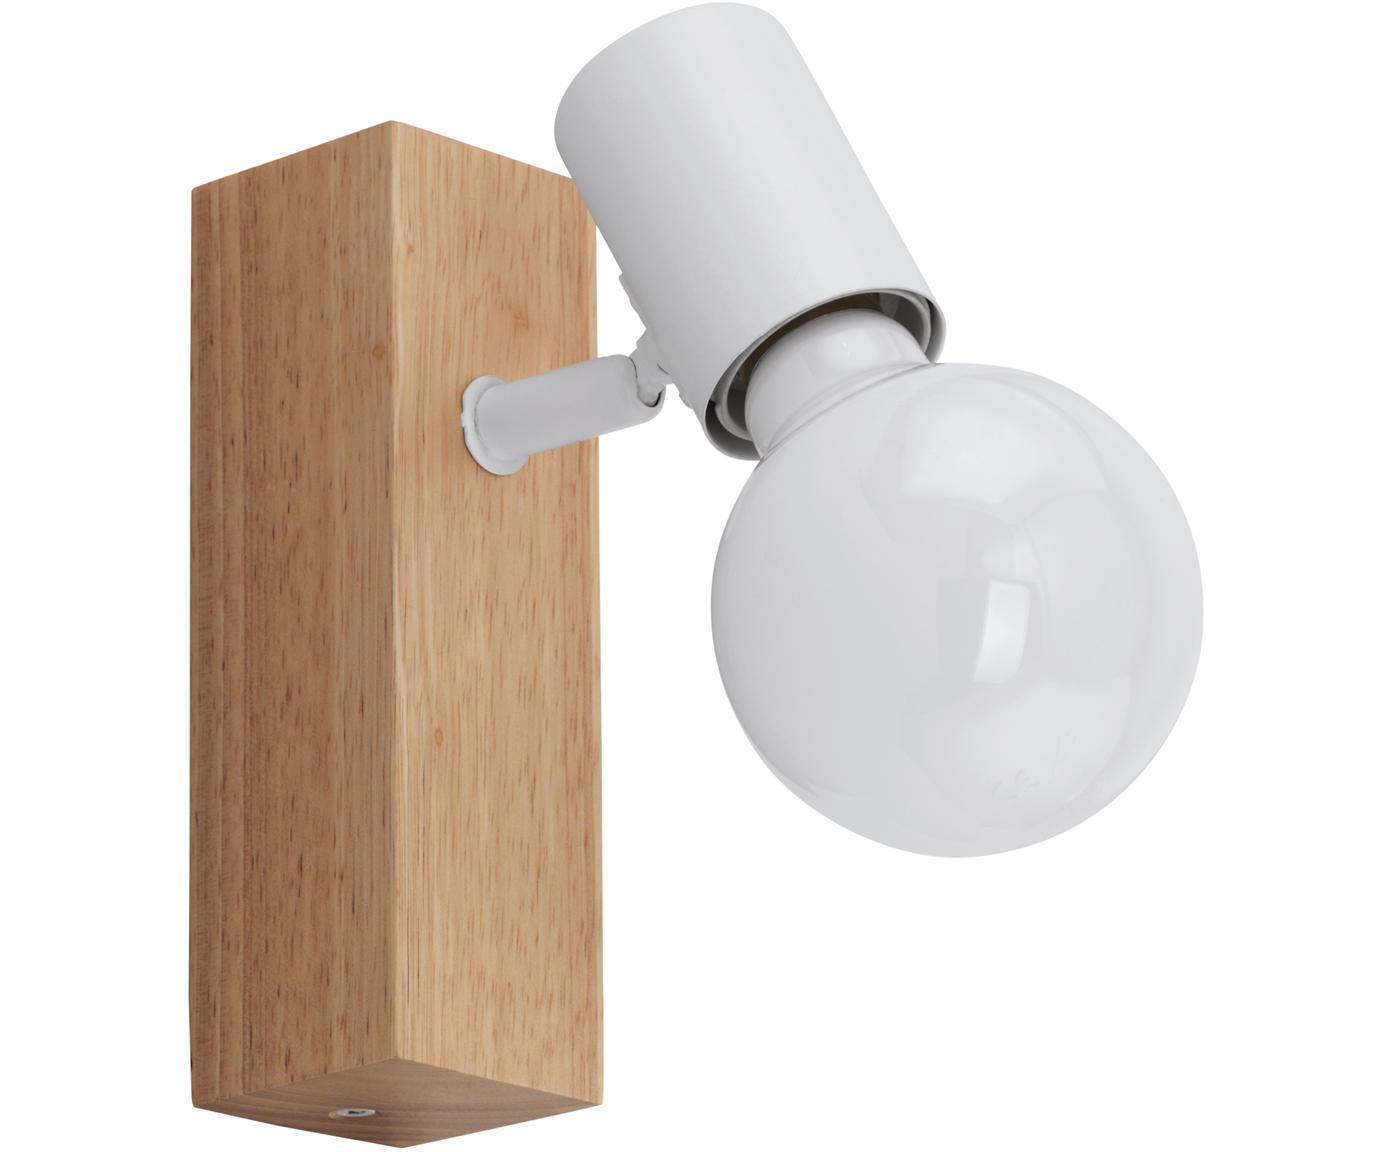 Kinkiet Townshend, Biały, drewno naturalne, S 5 x W 17 cm